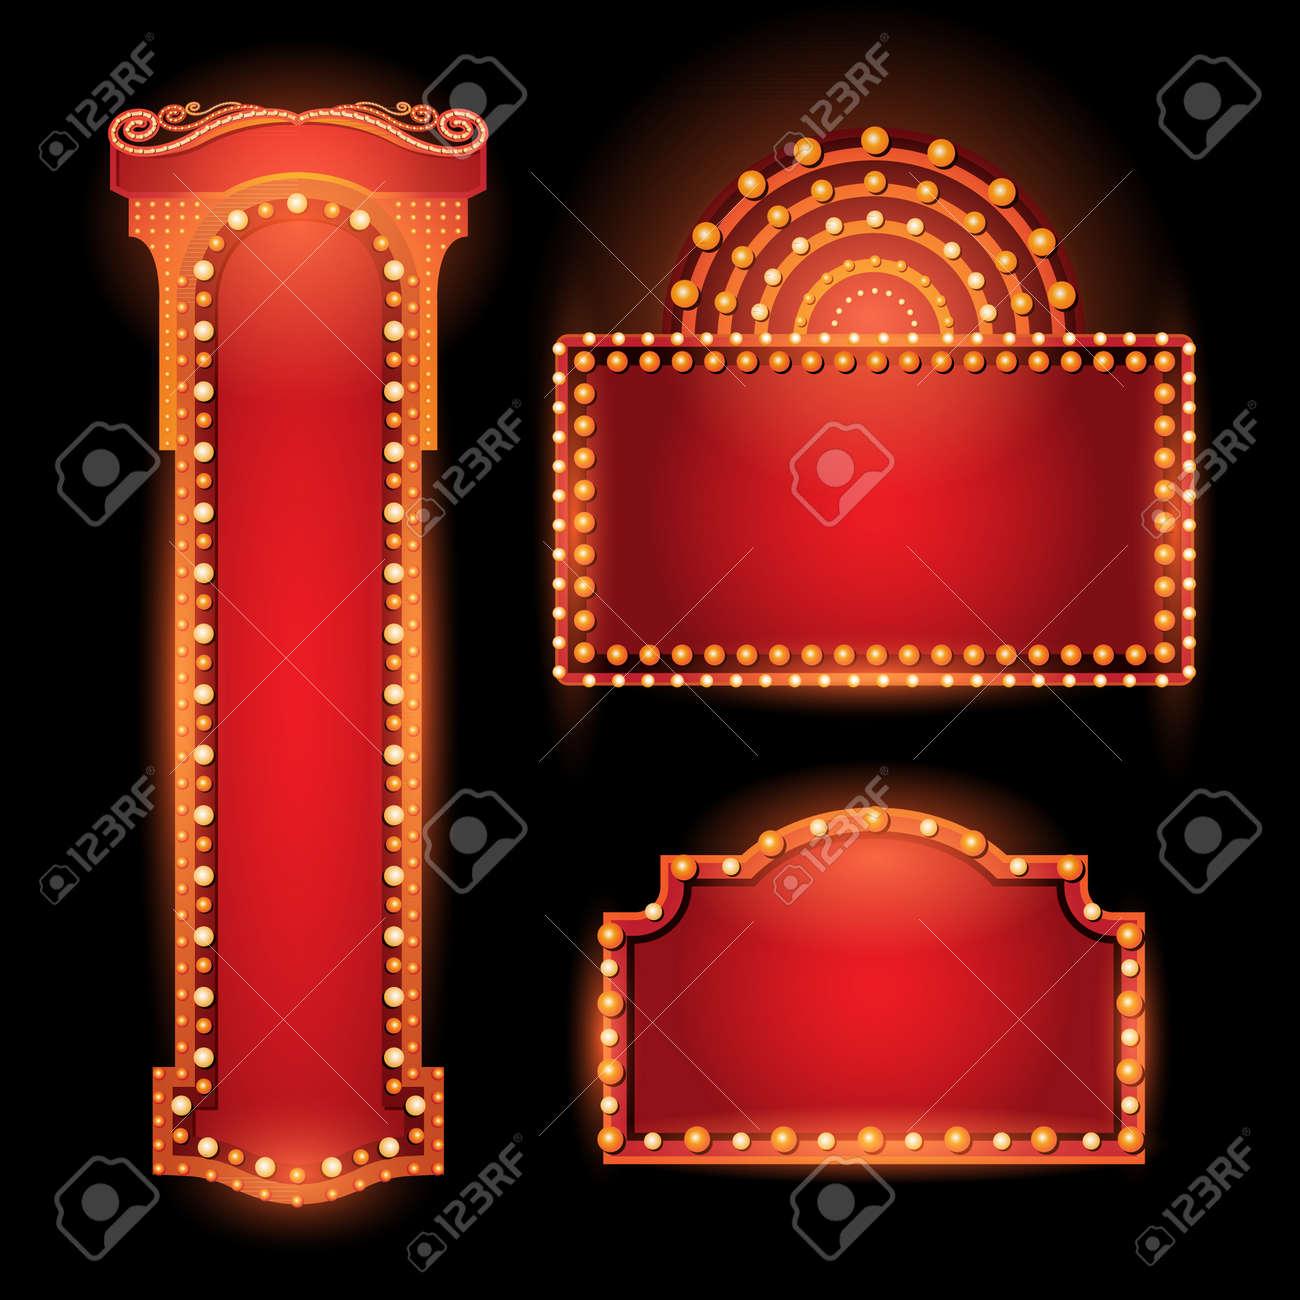 Brightly vintage glowing retro cinema neon sign - 56731272